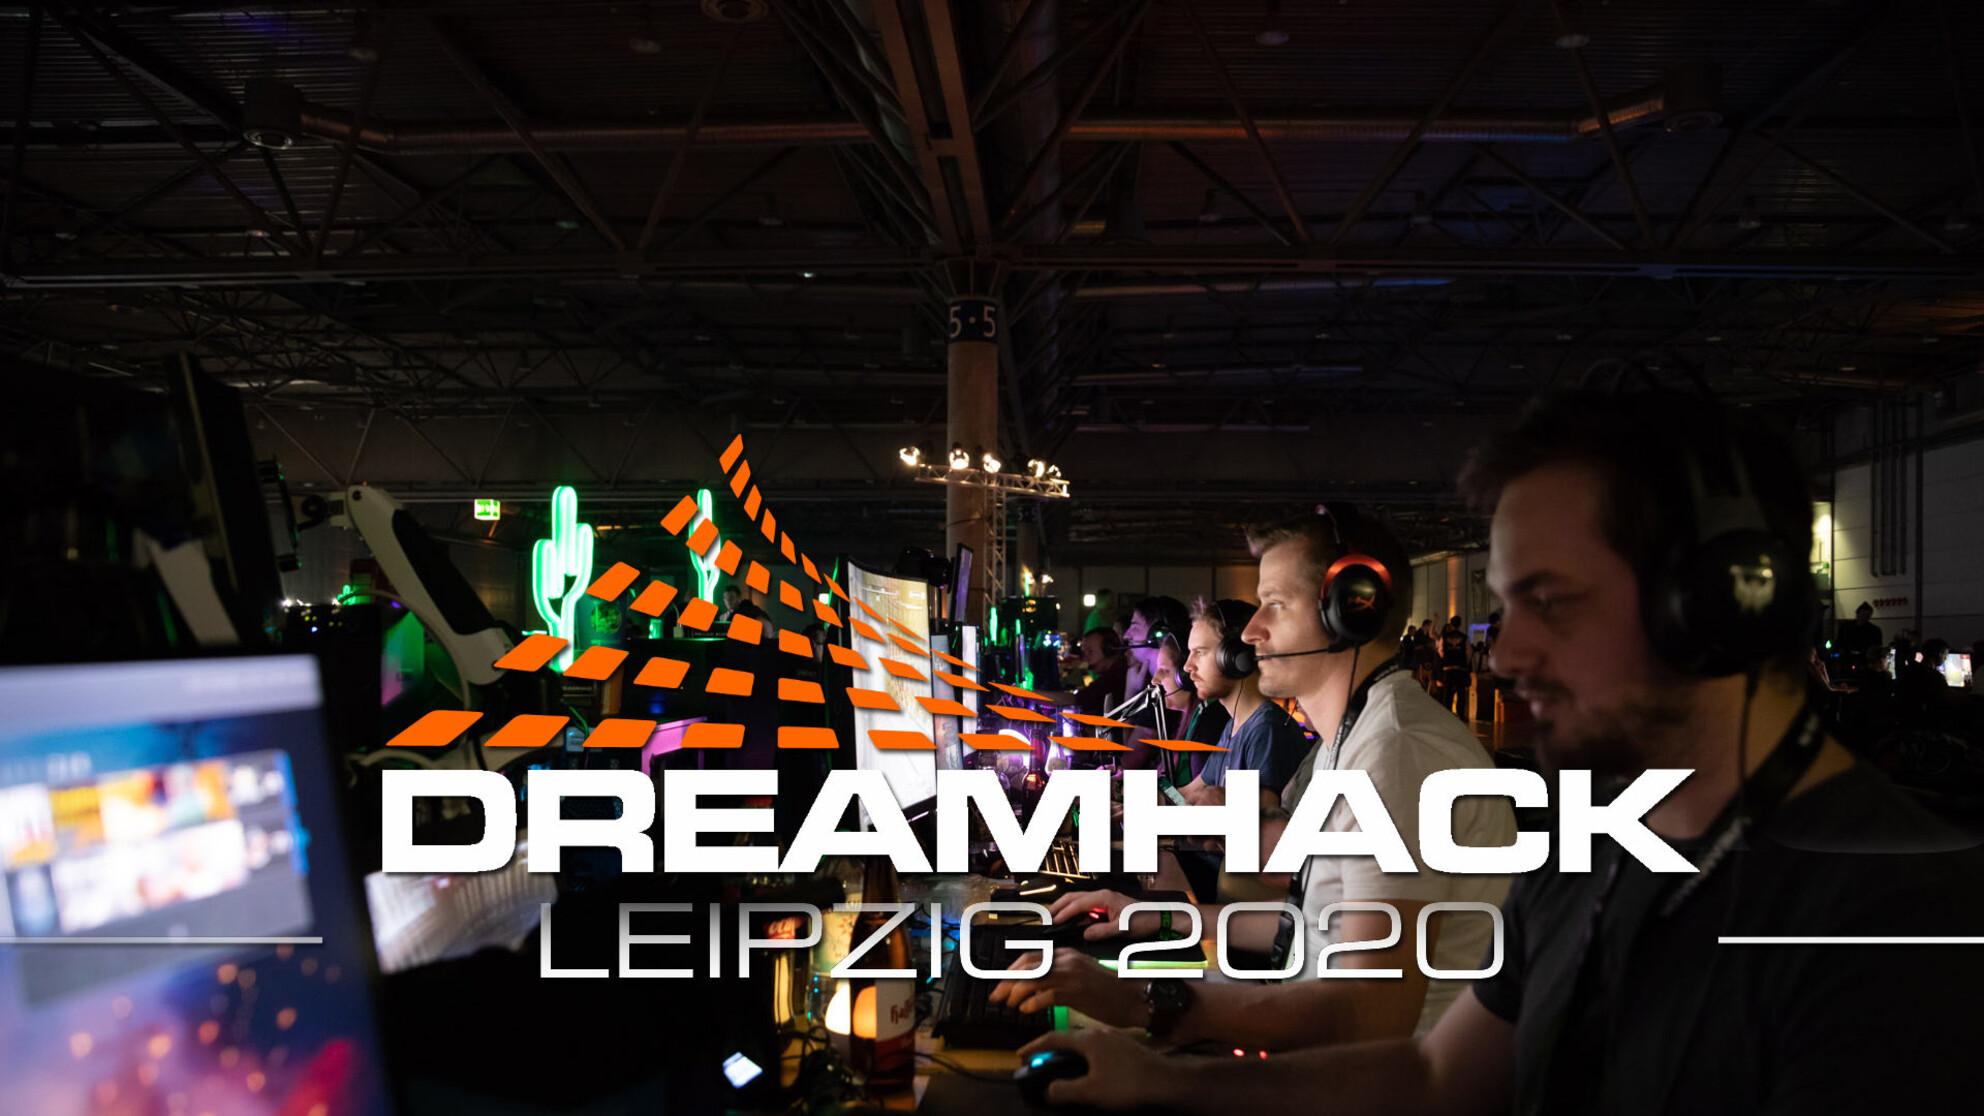 Dreamhack 2020 Leipzig